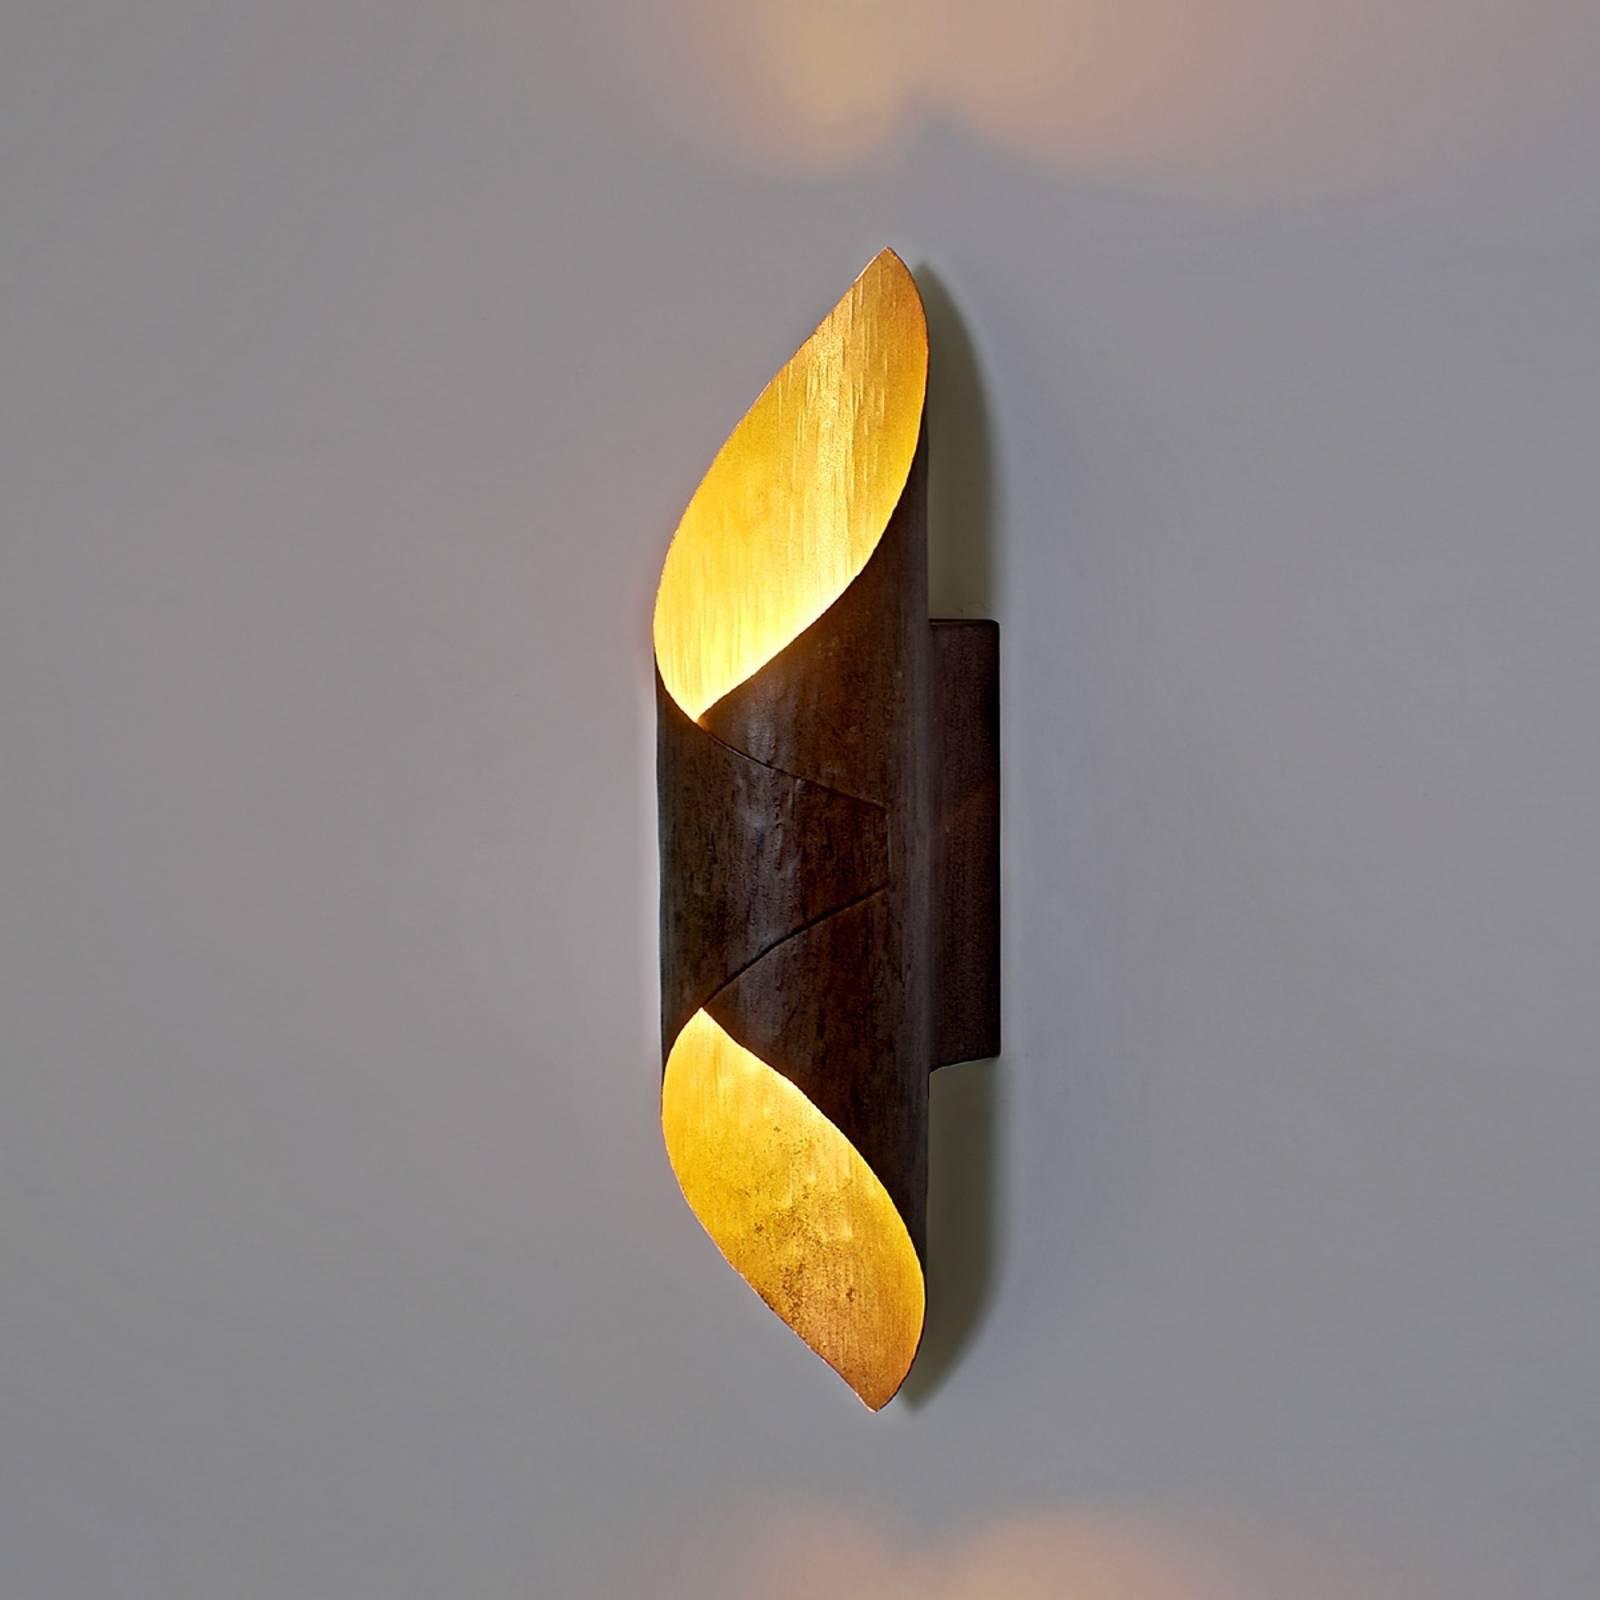 LED-vegglampe Organo med spesiell utforming